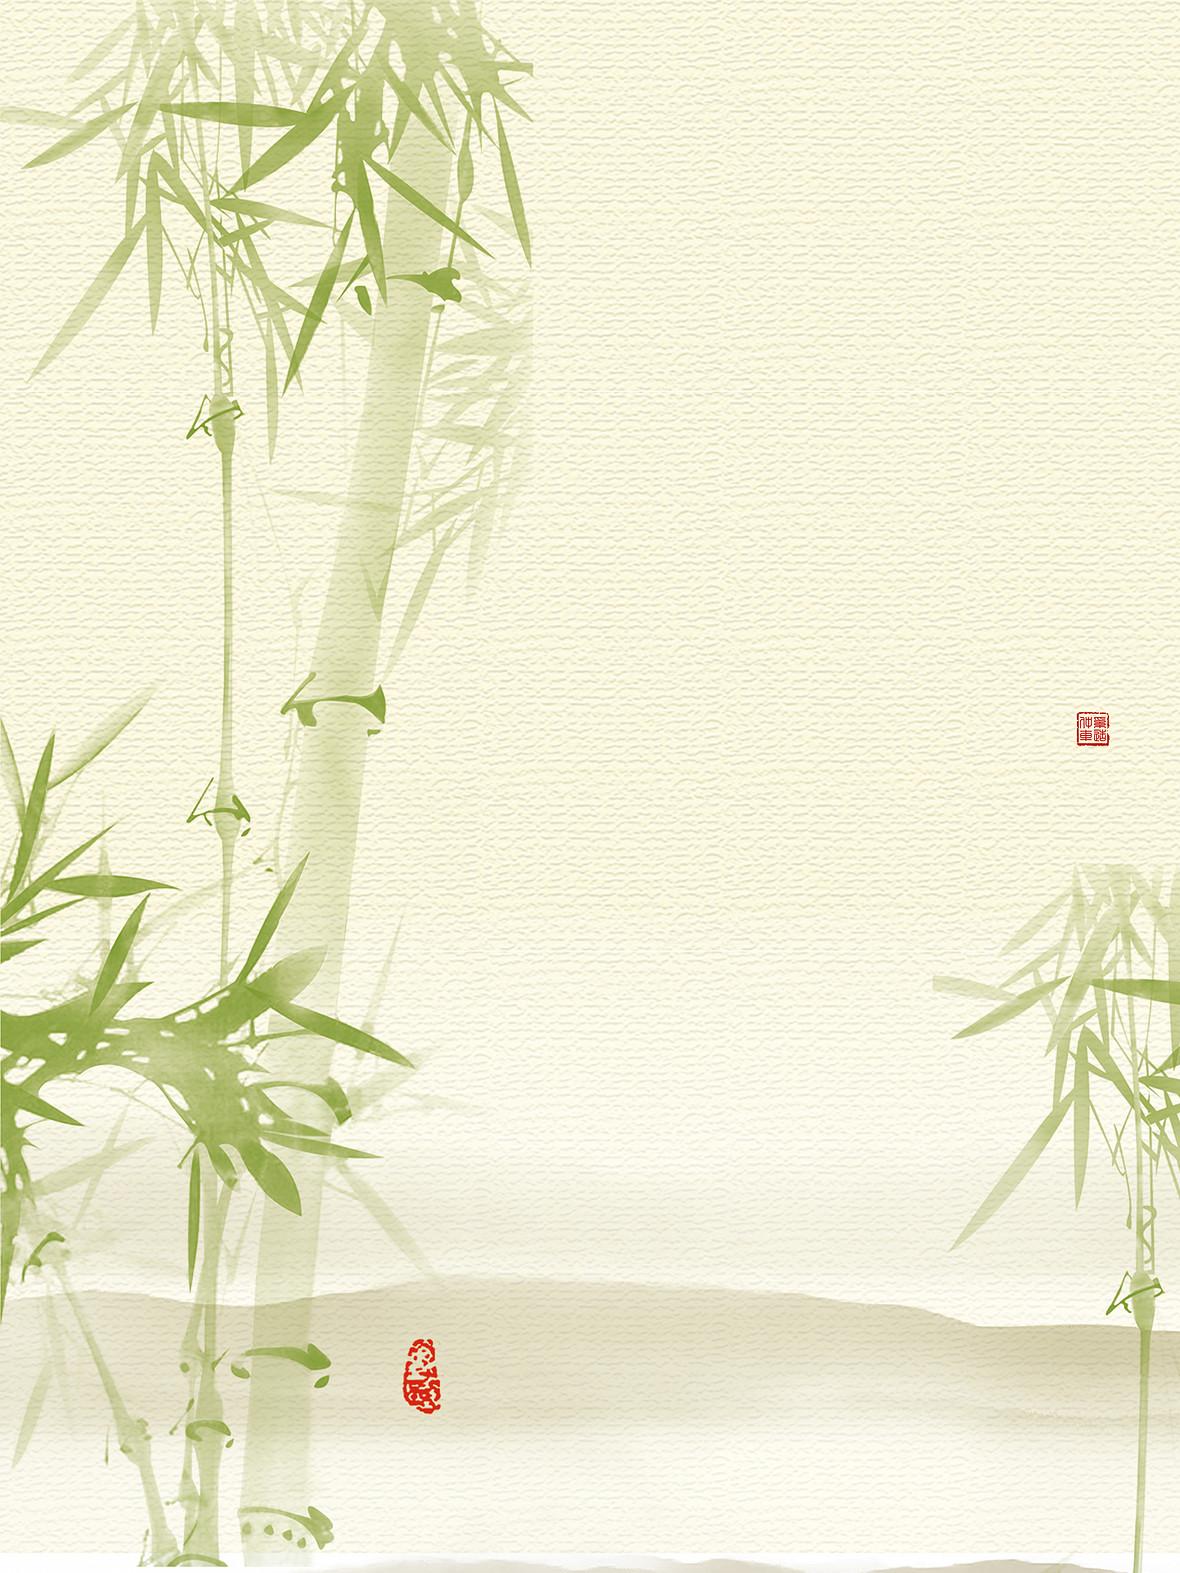 手绘淡雅竹子背景